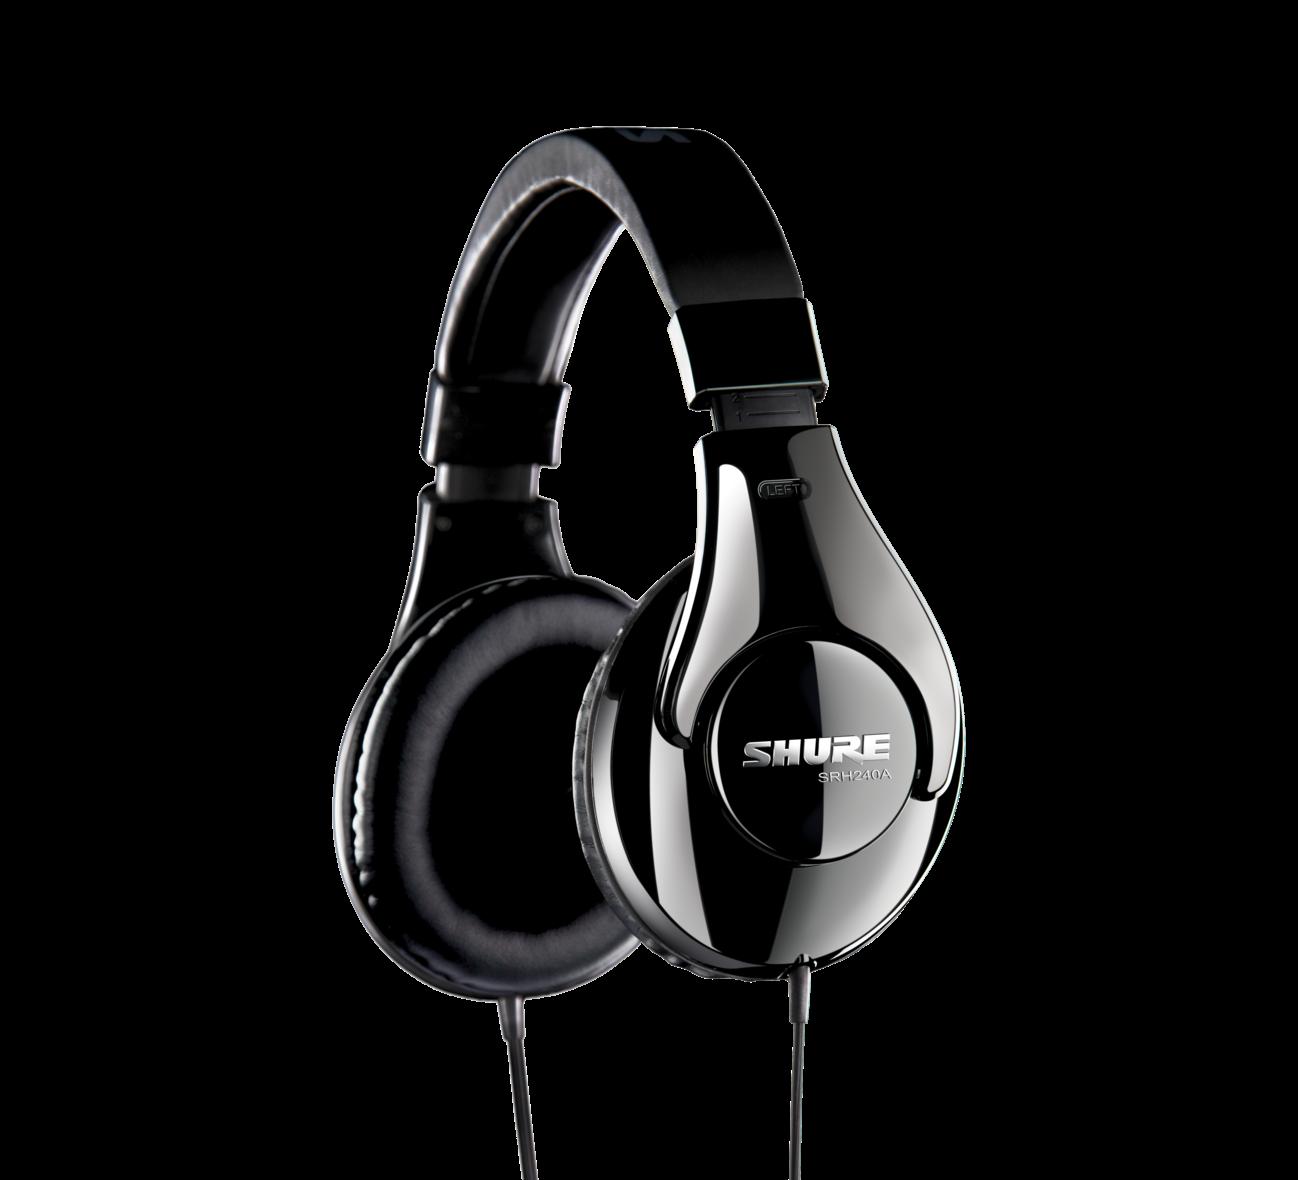 Shure - SRH240A Headphones